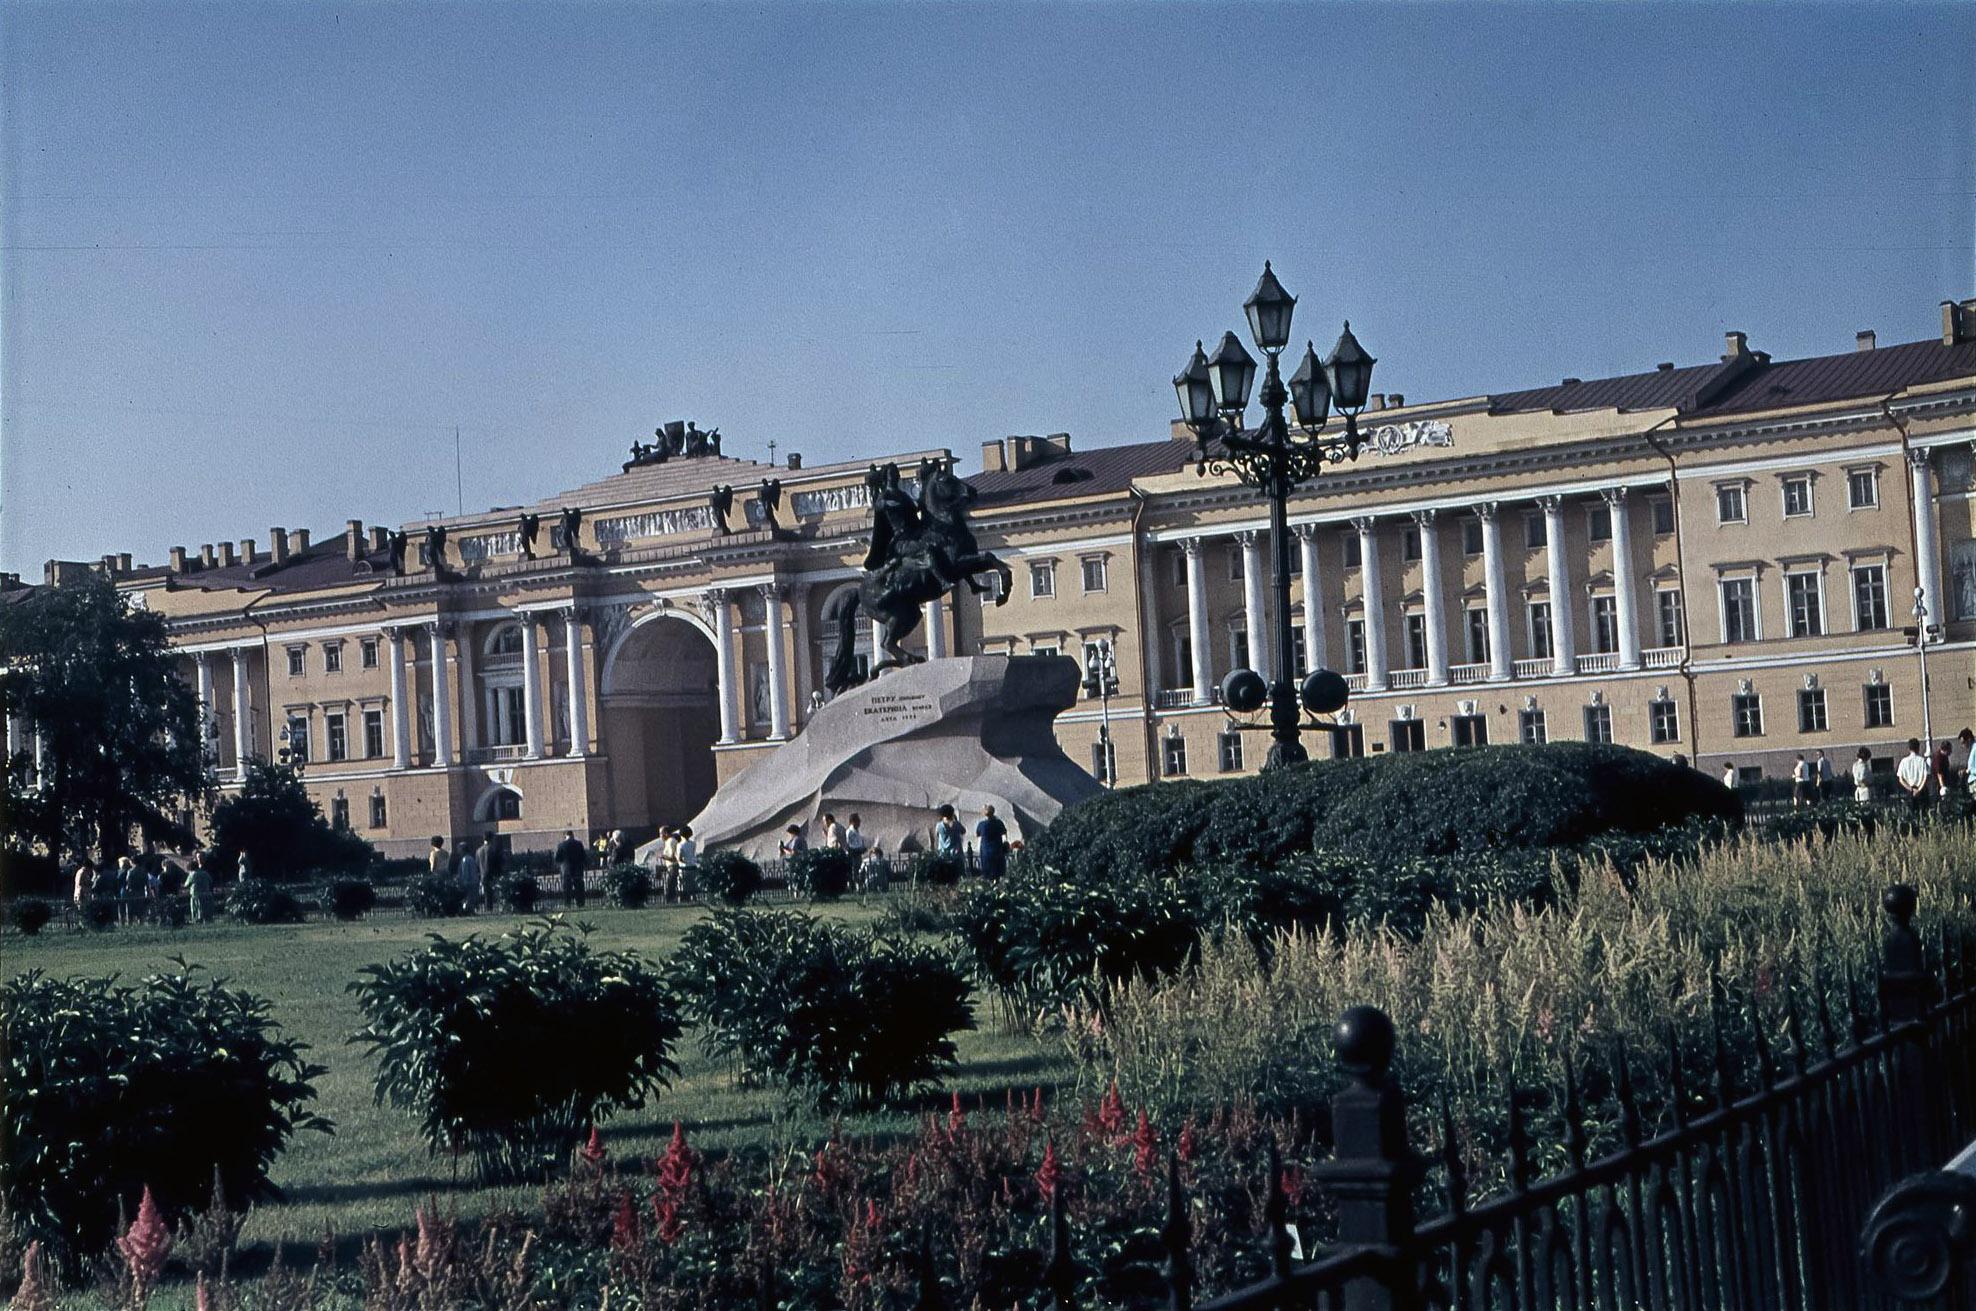 Ленинград.  Медный всадник на фоне здания Сената и Синода